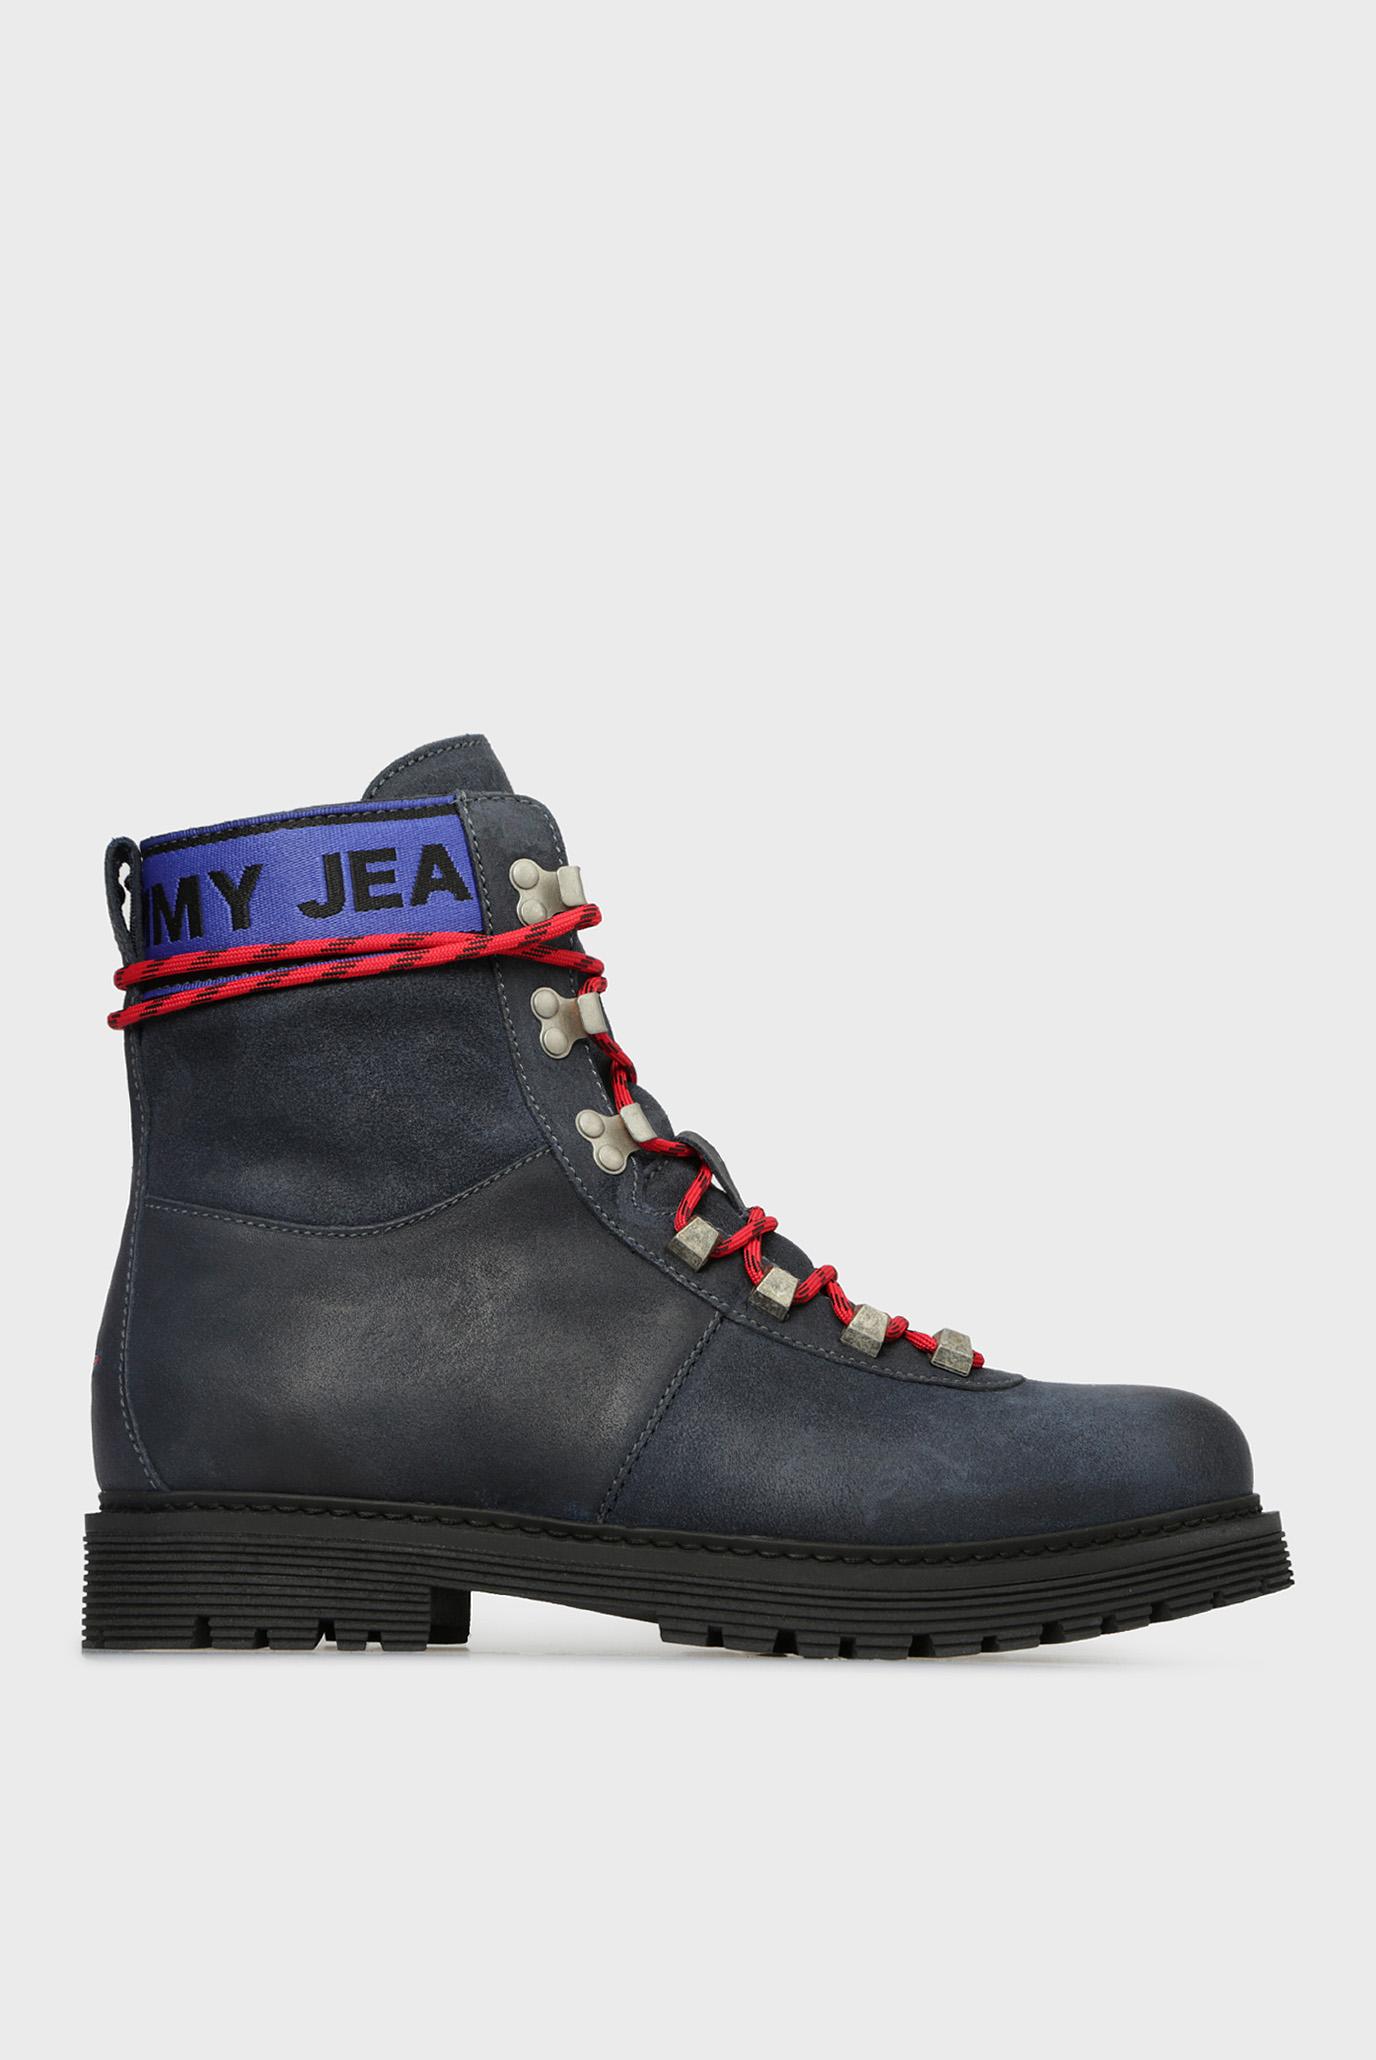 Купить Мужские синие кожаные ботинки Tommy Hilfiger Tommy Hilfiger  EM0EM00170 – Киев f392b9bb108d7